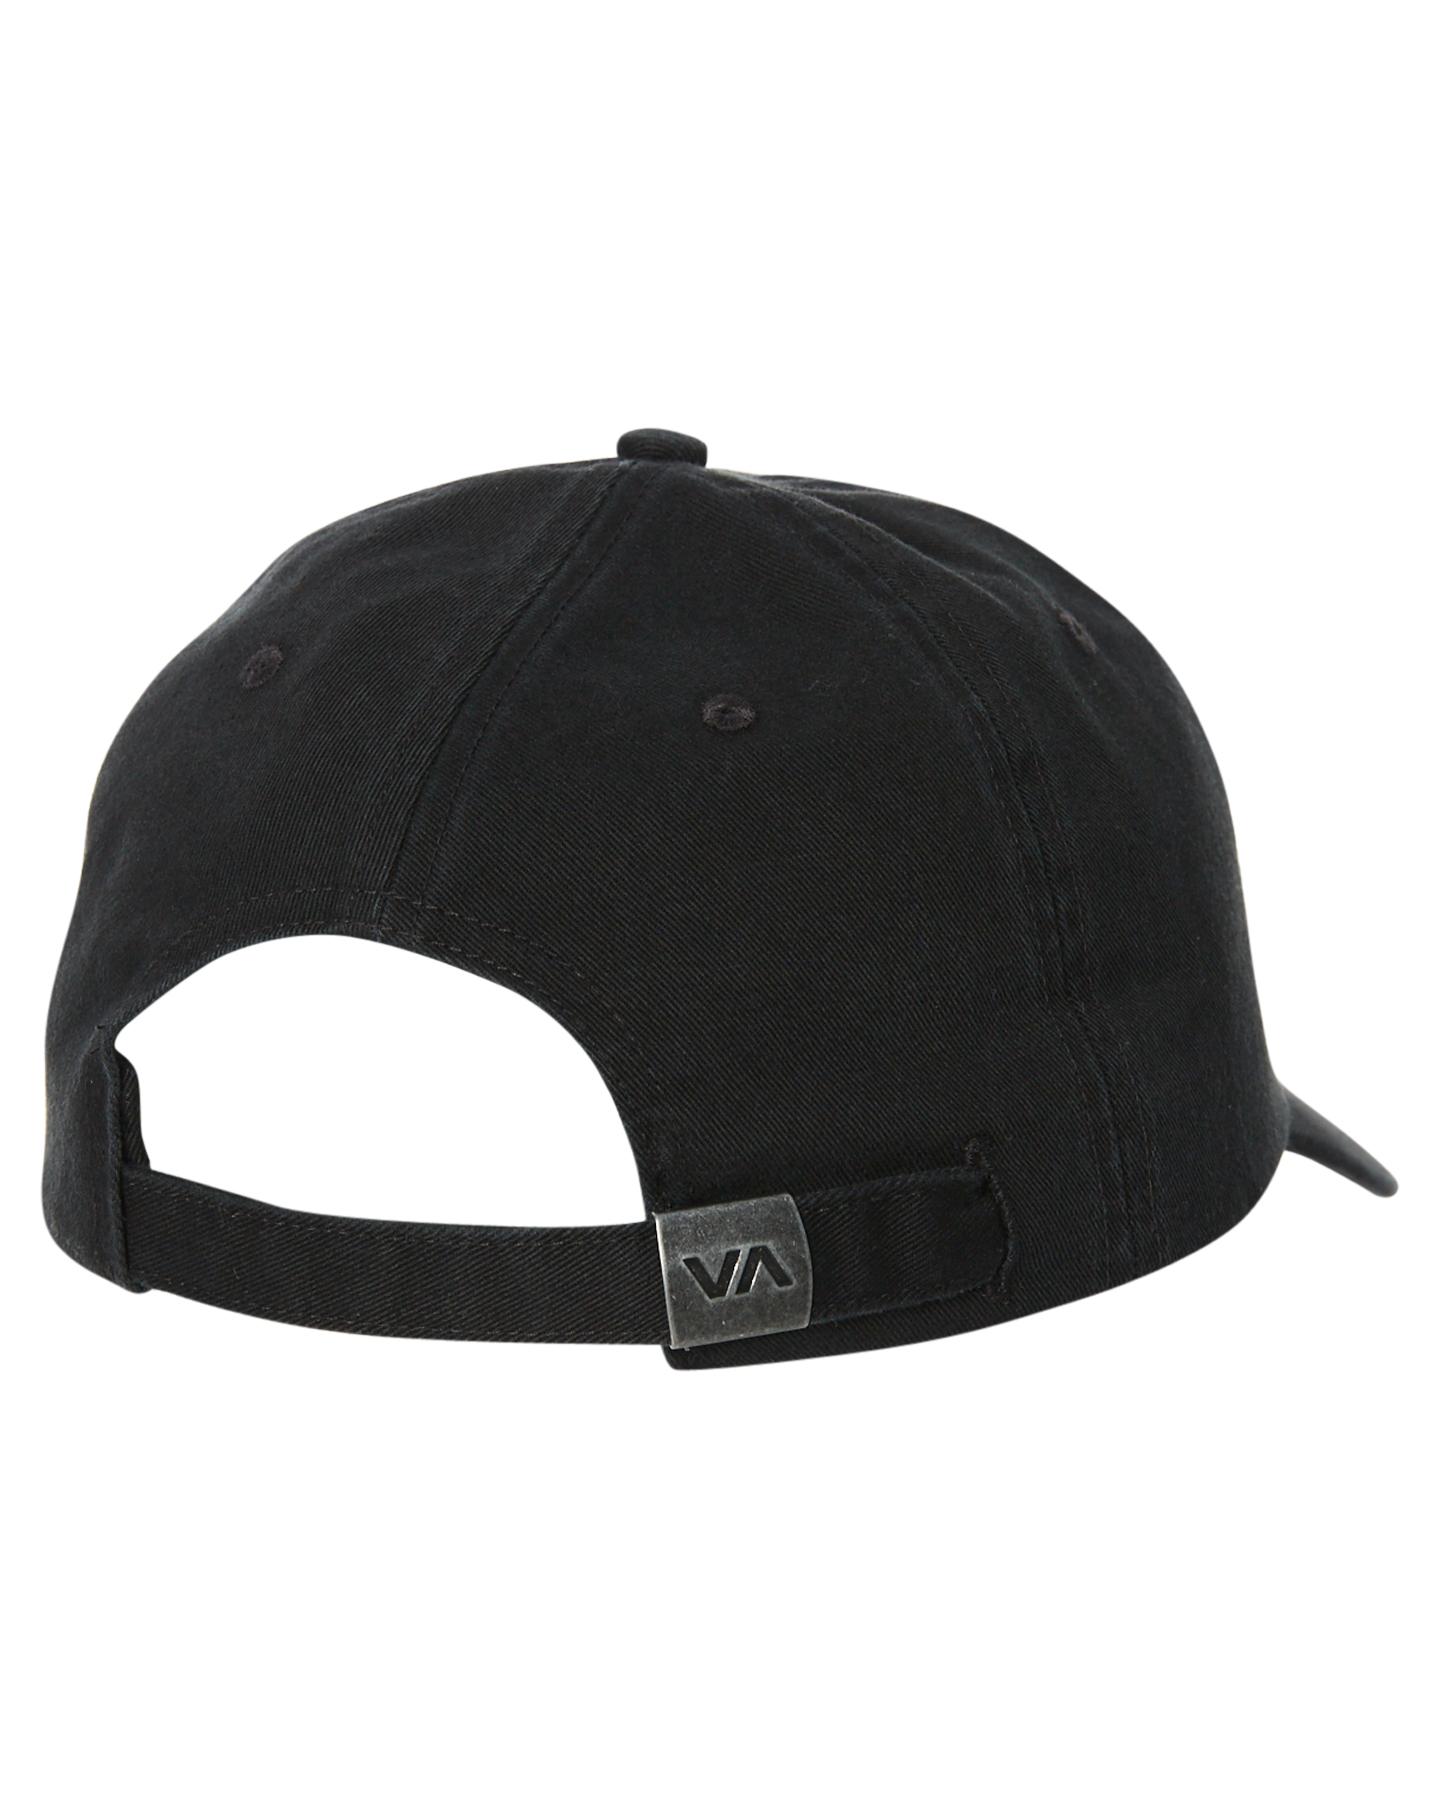 5e3e4b542d9 Rvca Men s The Focus Strapback Cap Cotton Black 9352315080262